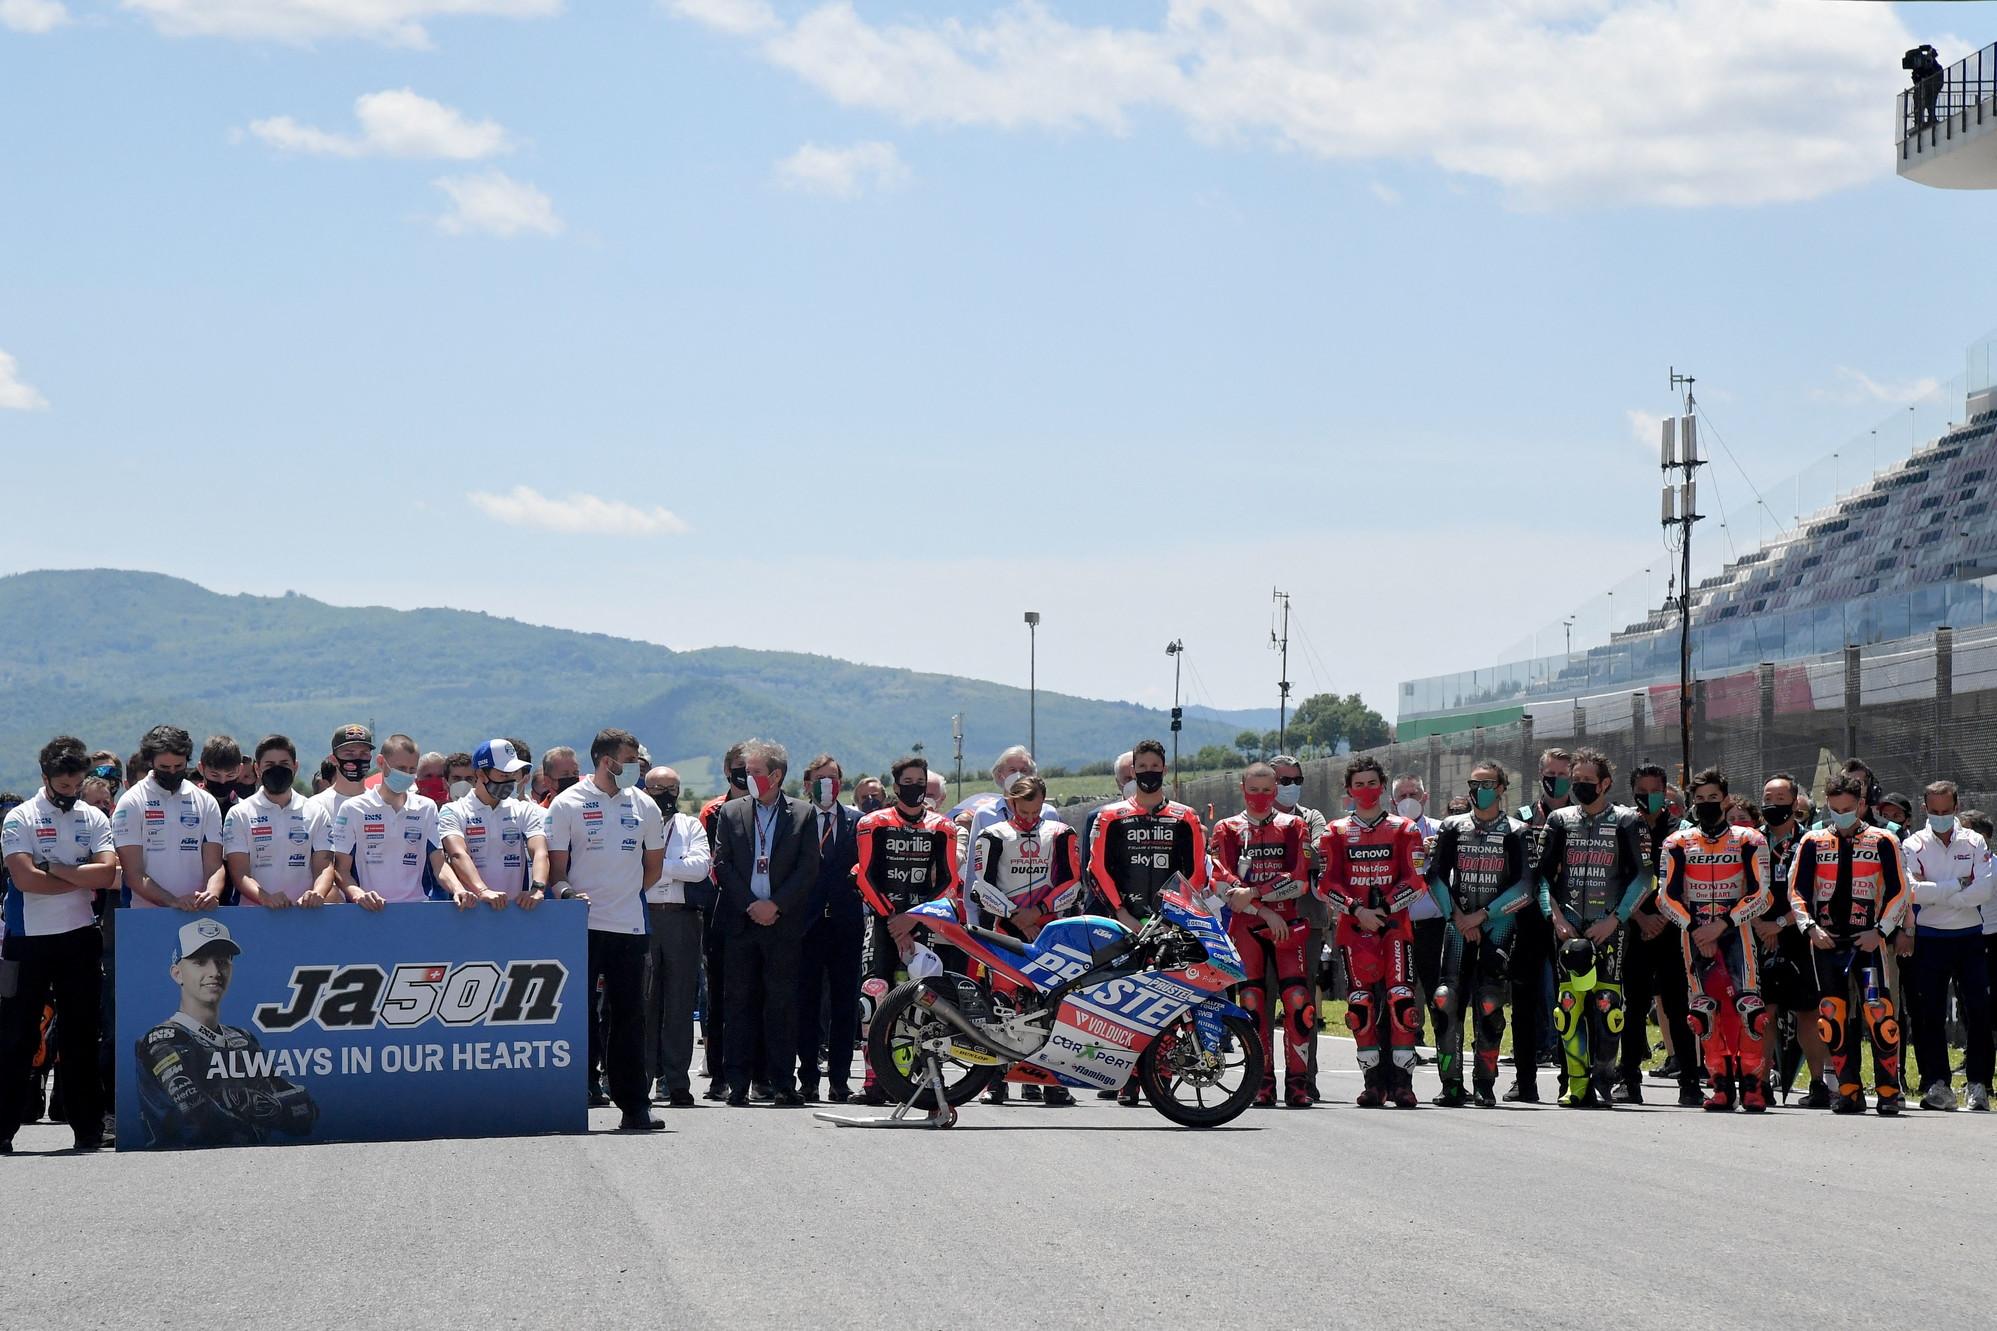 La MotoGP&nbsp;ha osservato un minuto di silenzio in ricordo di Jason Dupasquier, il pilota svizzero della Moto3 deceduto questa mattina a seguito delle gravissime lesione subite nell&#39;incidente durante le qualifiche di ieri. Sulla griglia di partenza, prima del via della gara, tutti i piloti si sono schierati in silenzio ricordando il 19enne con un cartello raffigurante la sua foto e la scritta &#39;Sempre nei nostri cuori&#39;.&nbsp;<br /><br />